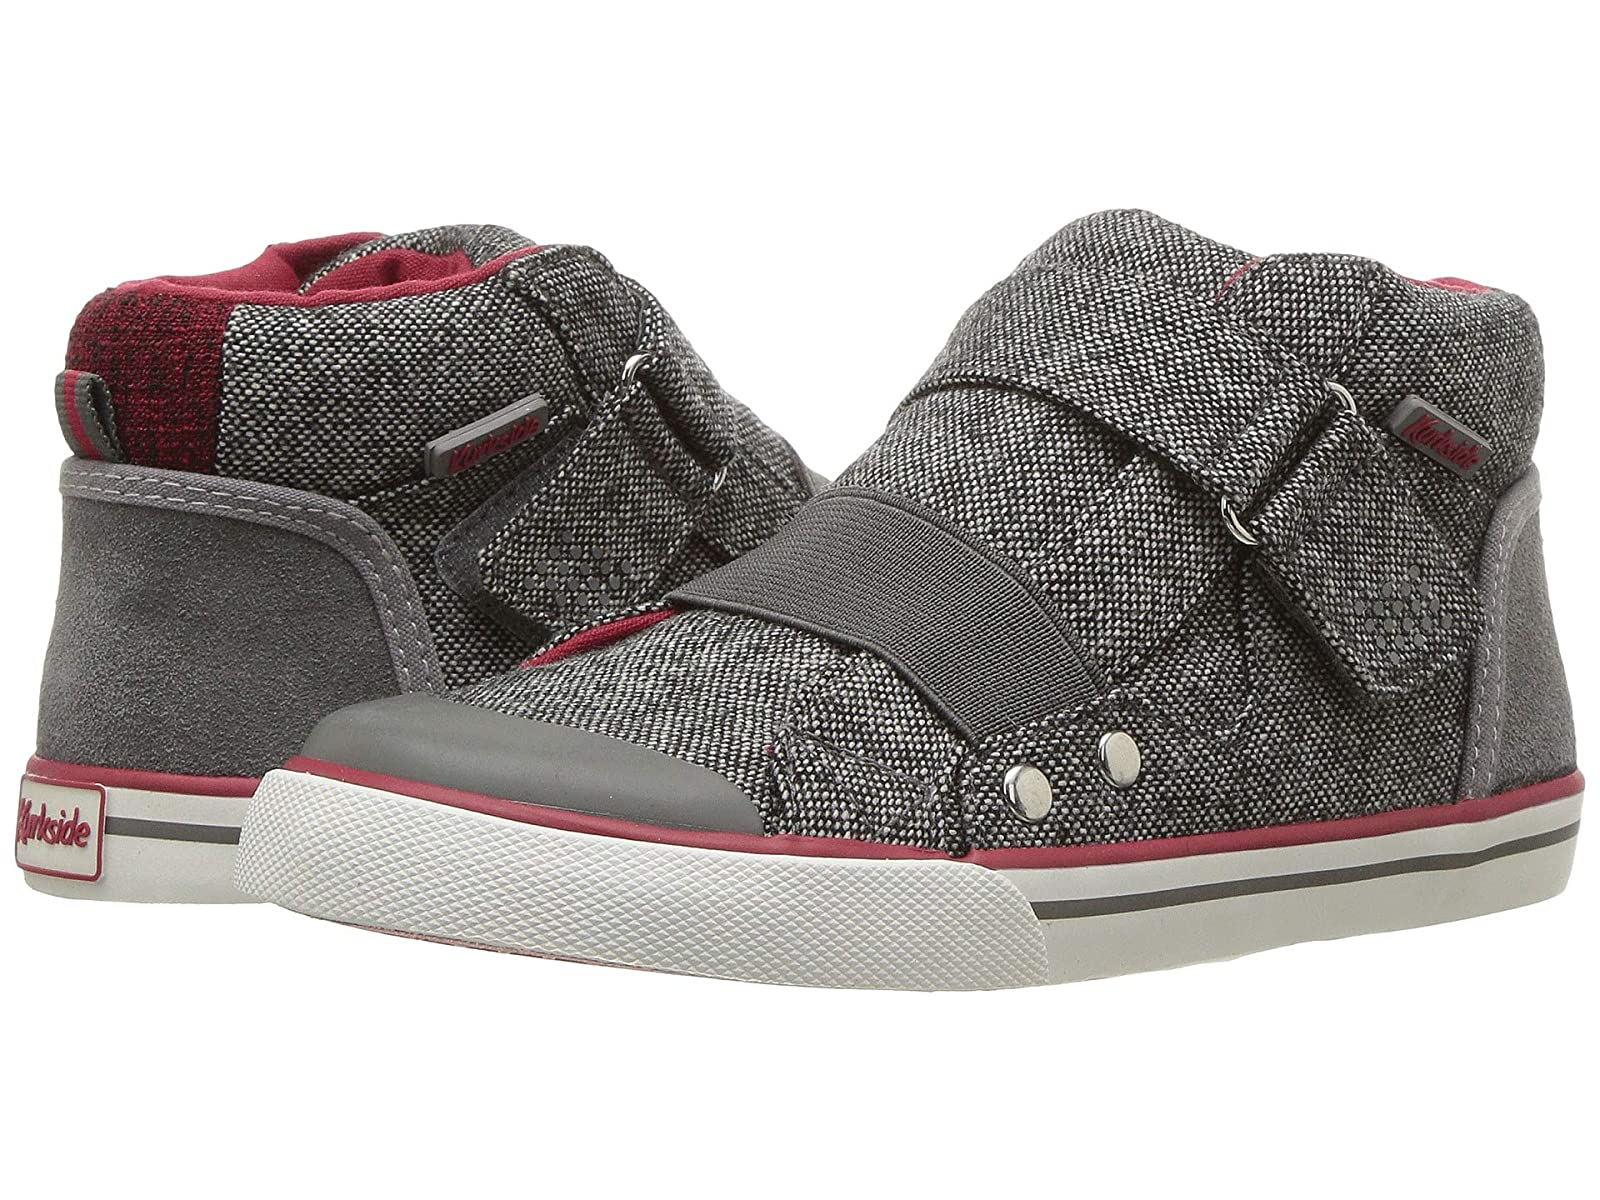 Kurkside Barca (Little Kid)Atmospheric grades have affordable shoes